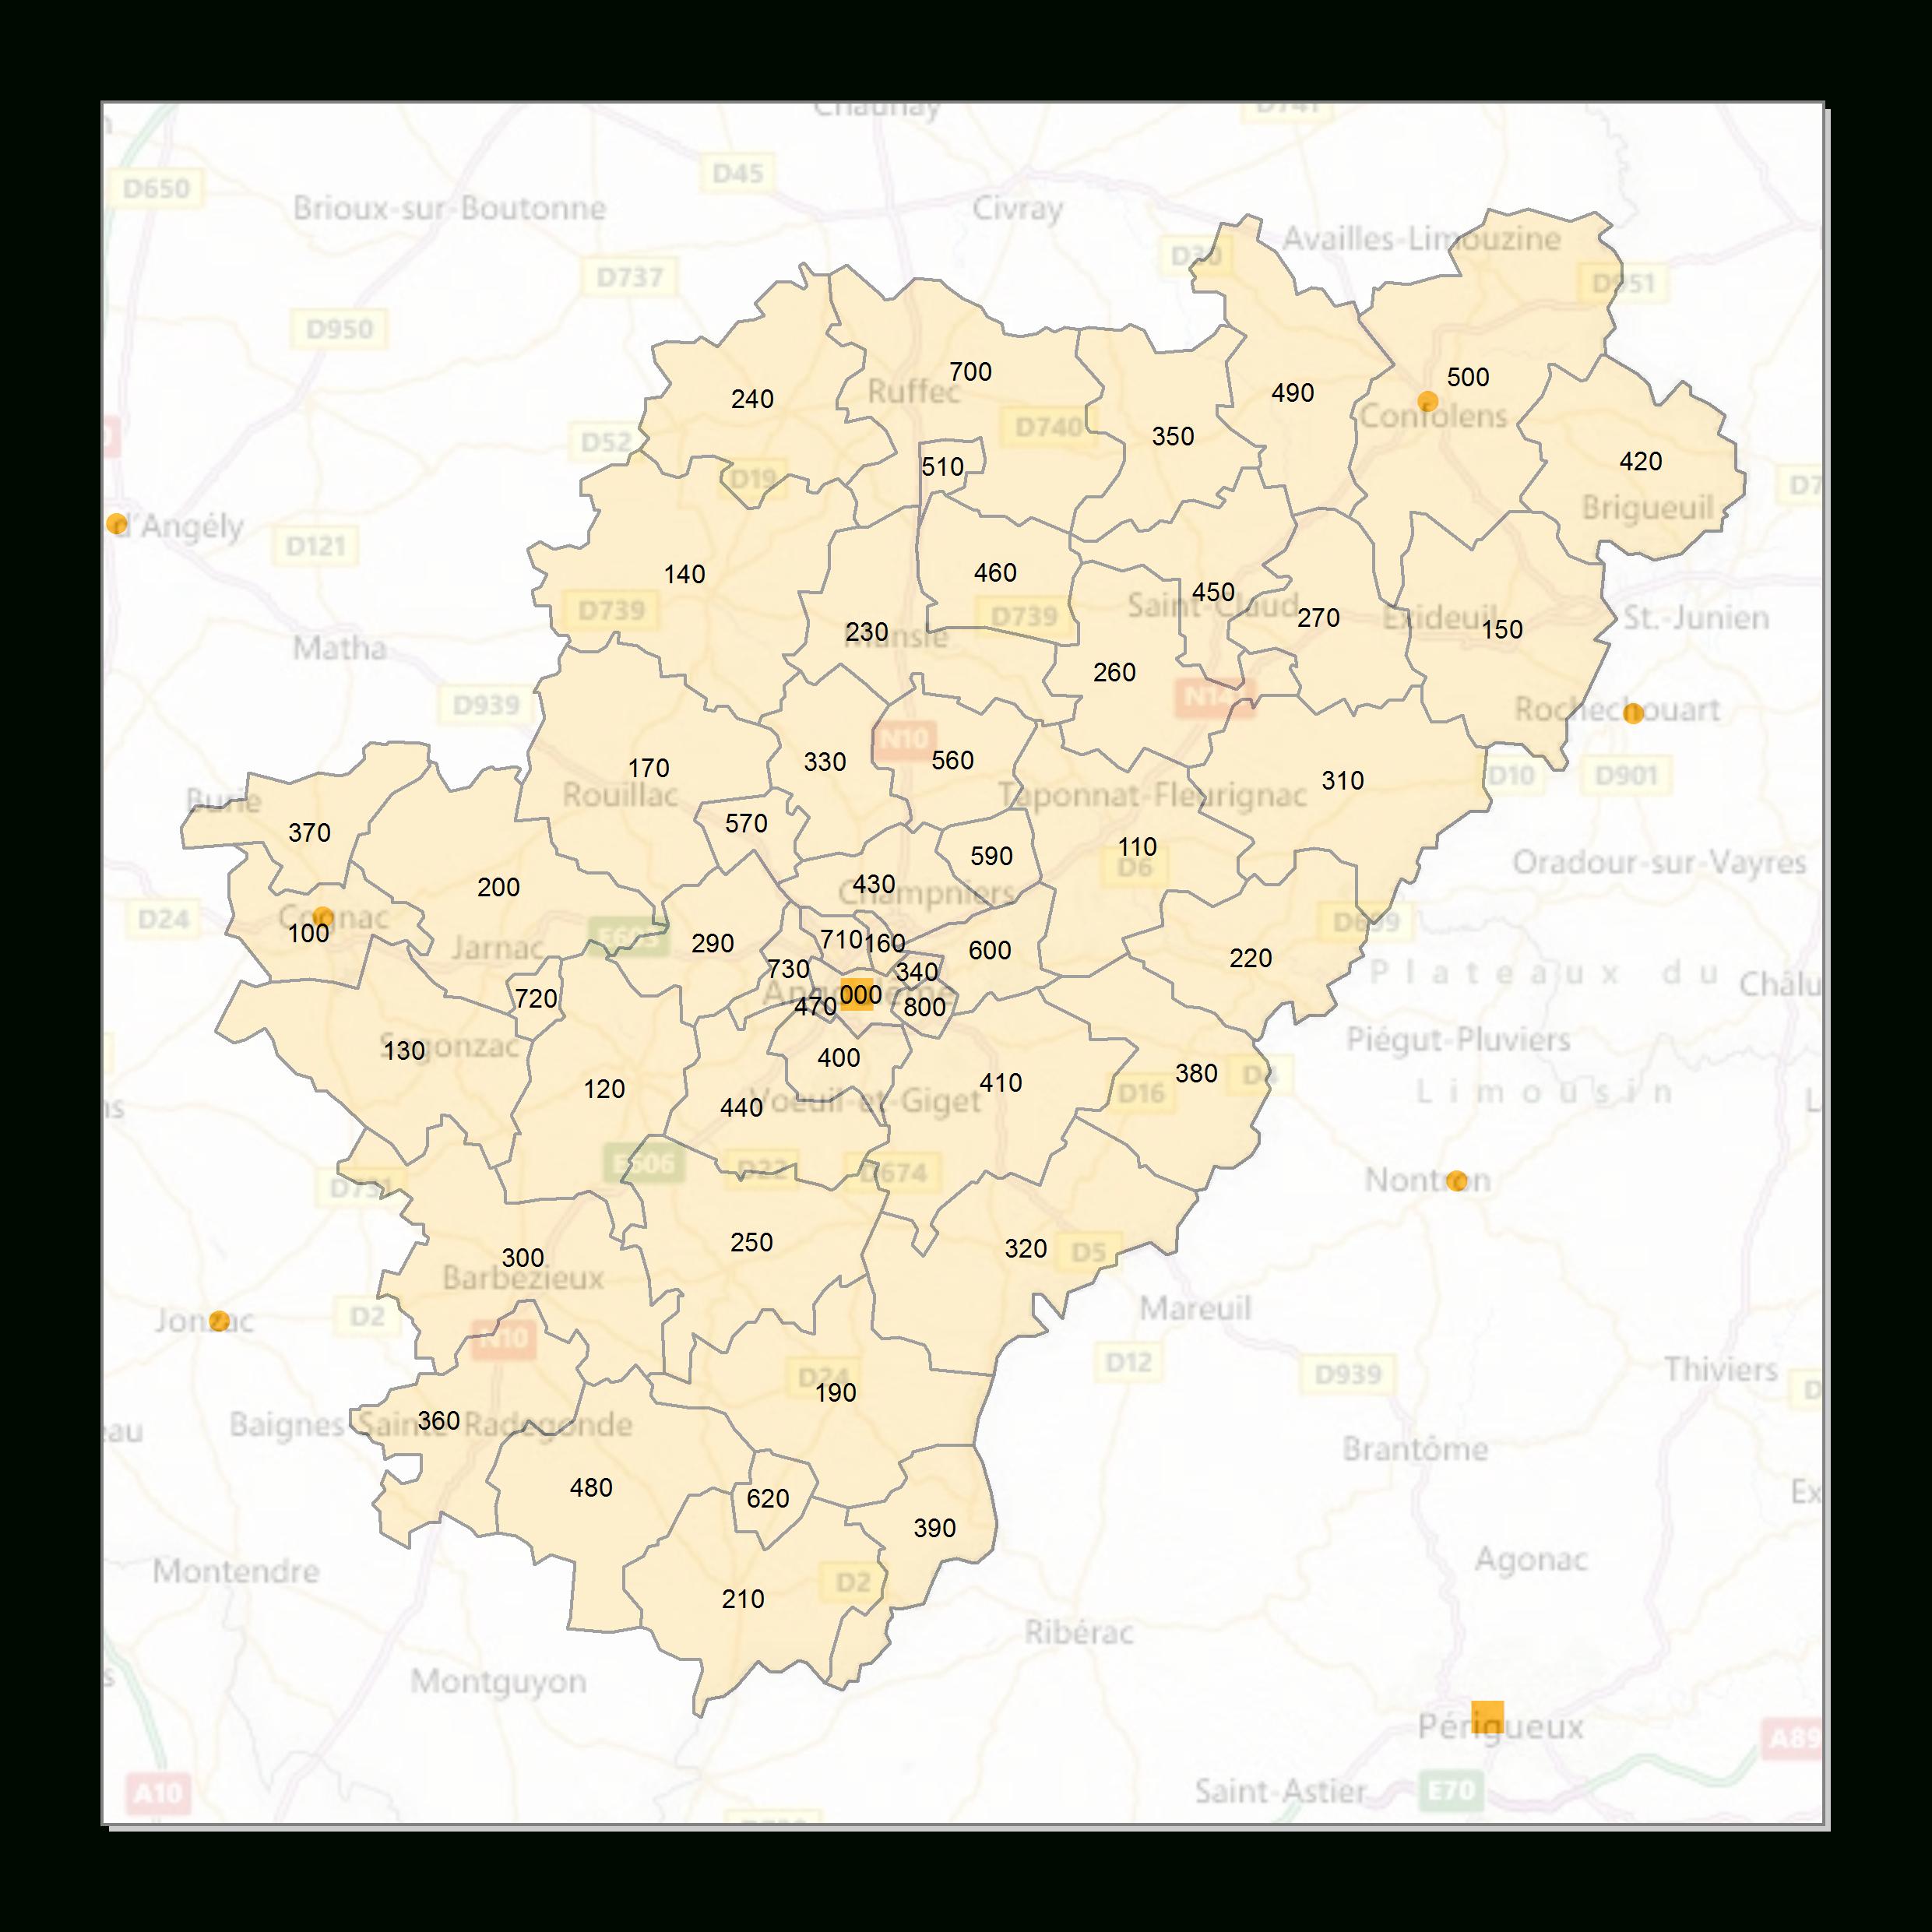 Atlas Des Codes Postaux - Cartes Des Départements De France intérieur Carte De France Numéro Département